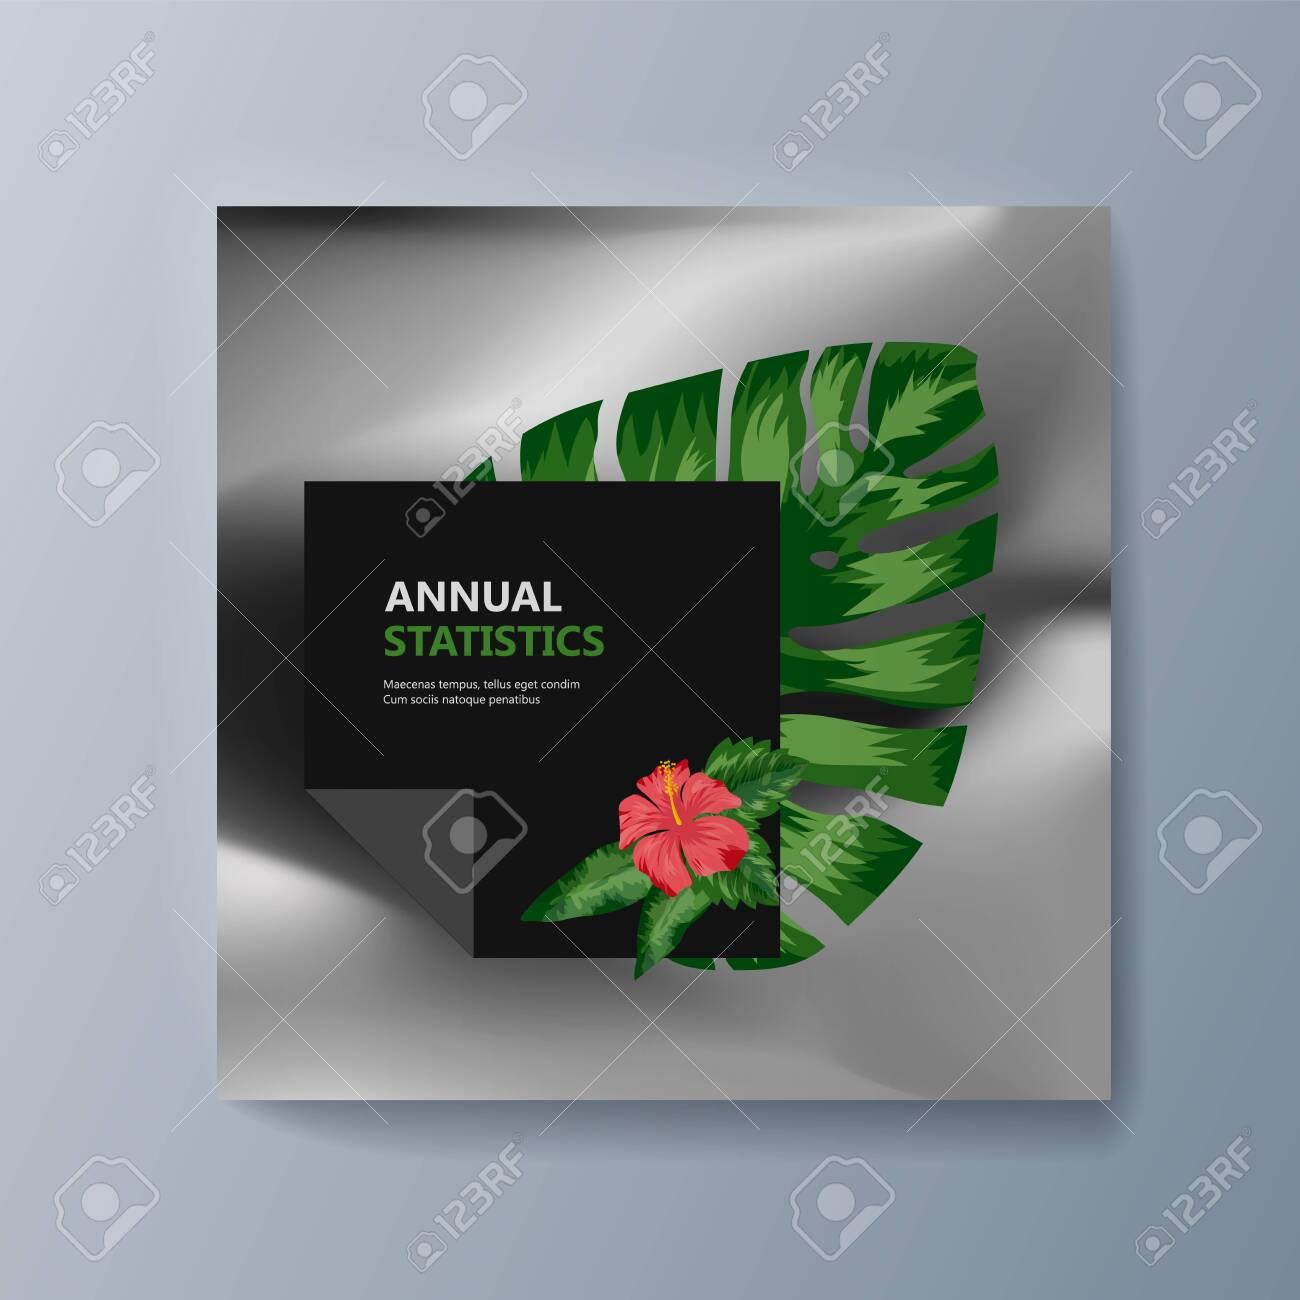 Tropical flowers classification plant description. Vector illustration - 133216430